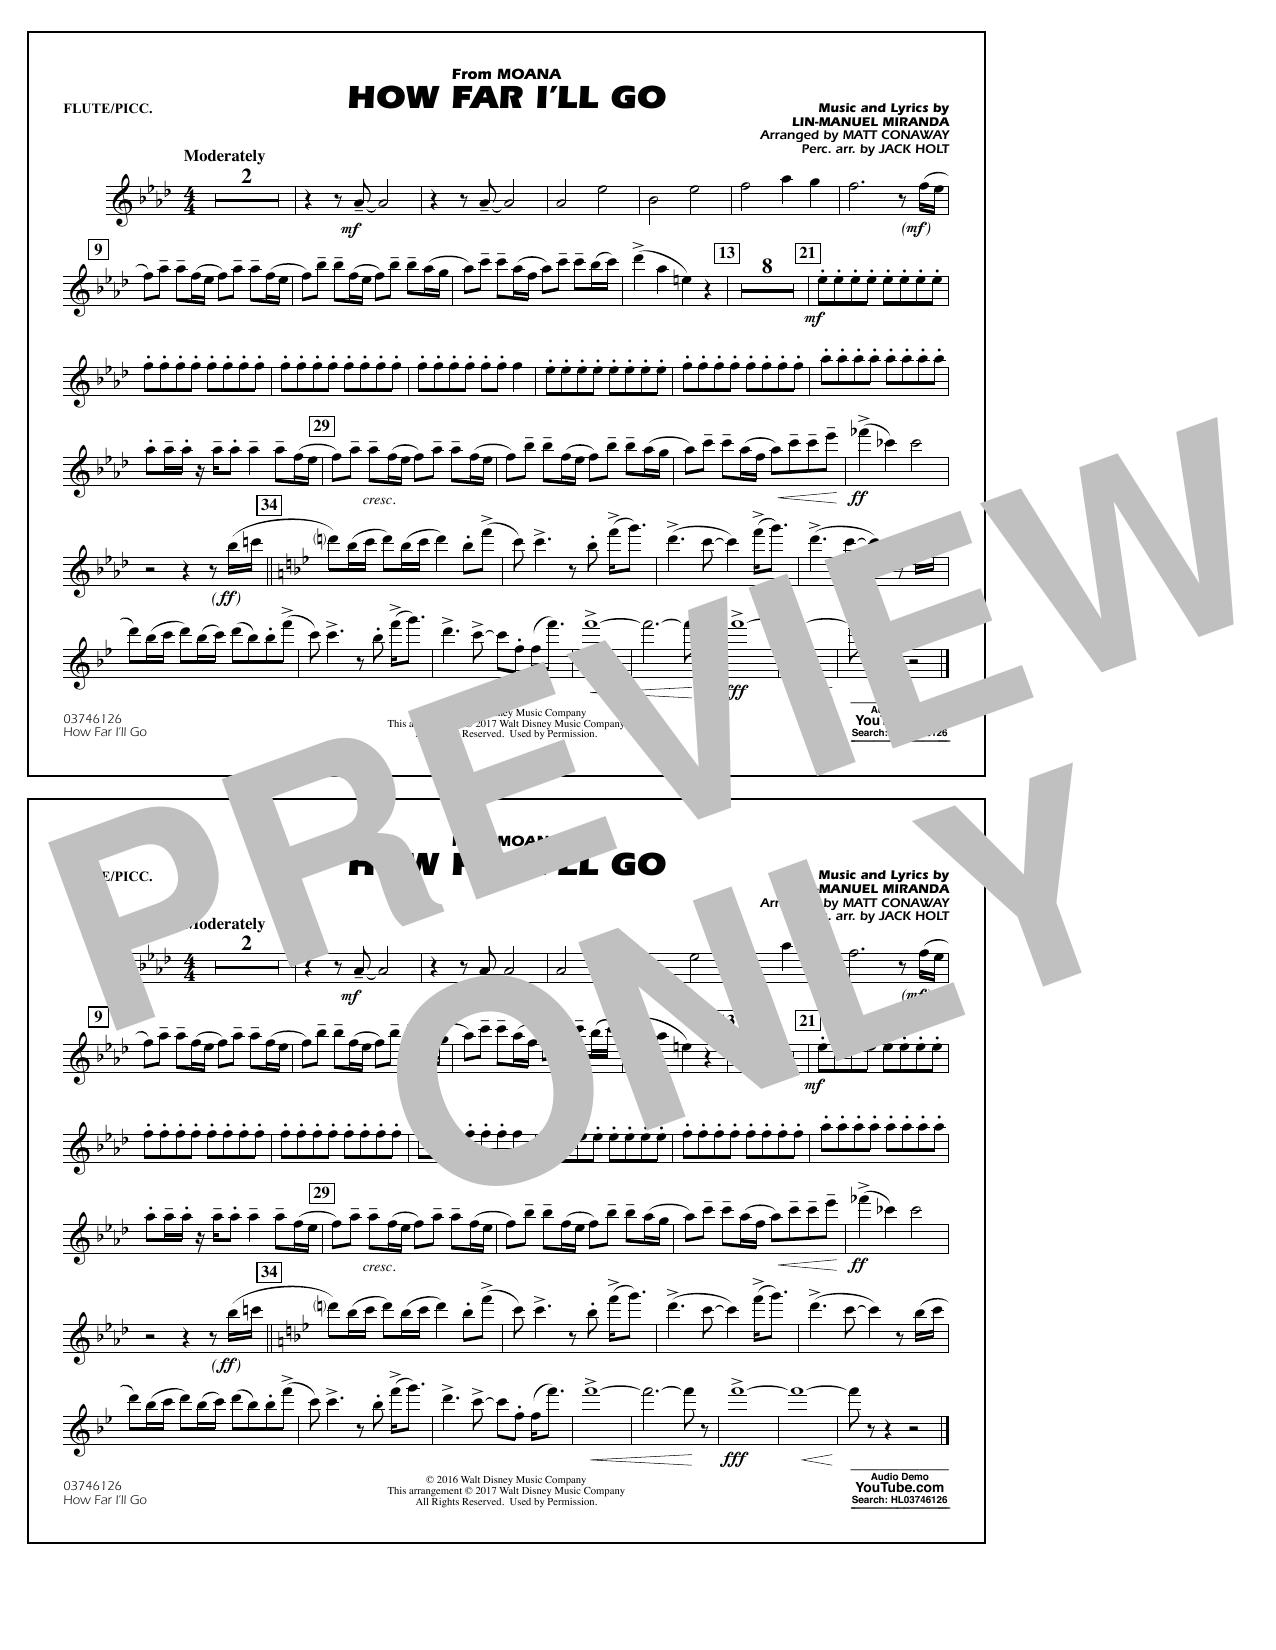 How Far I'll Go (from Moana) - Flute/Piccolo Sheet Music